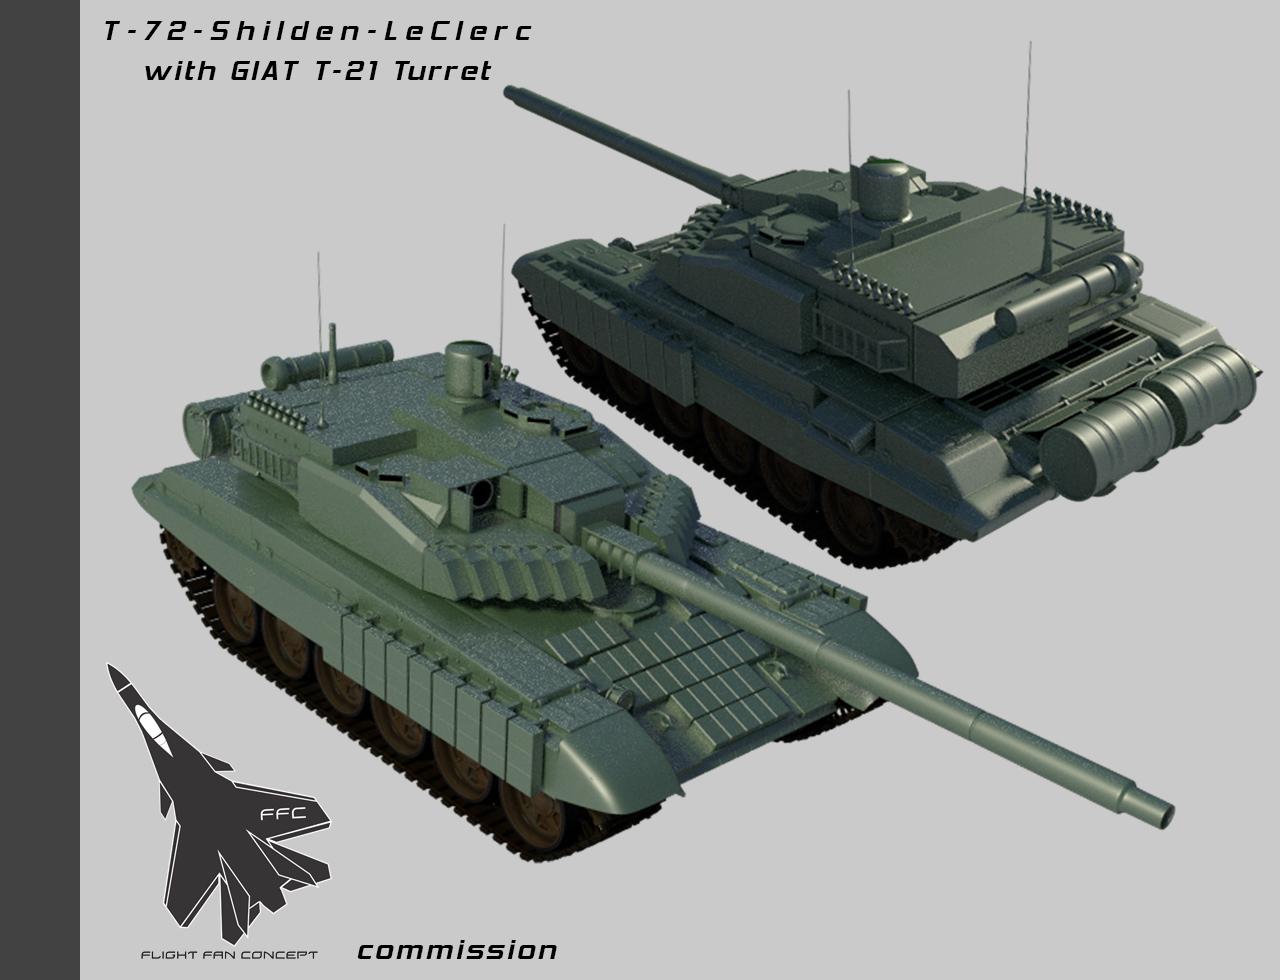 T-72-T-21 Shilden Leclerc